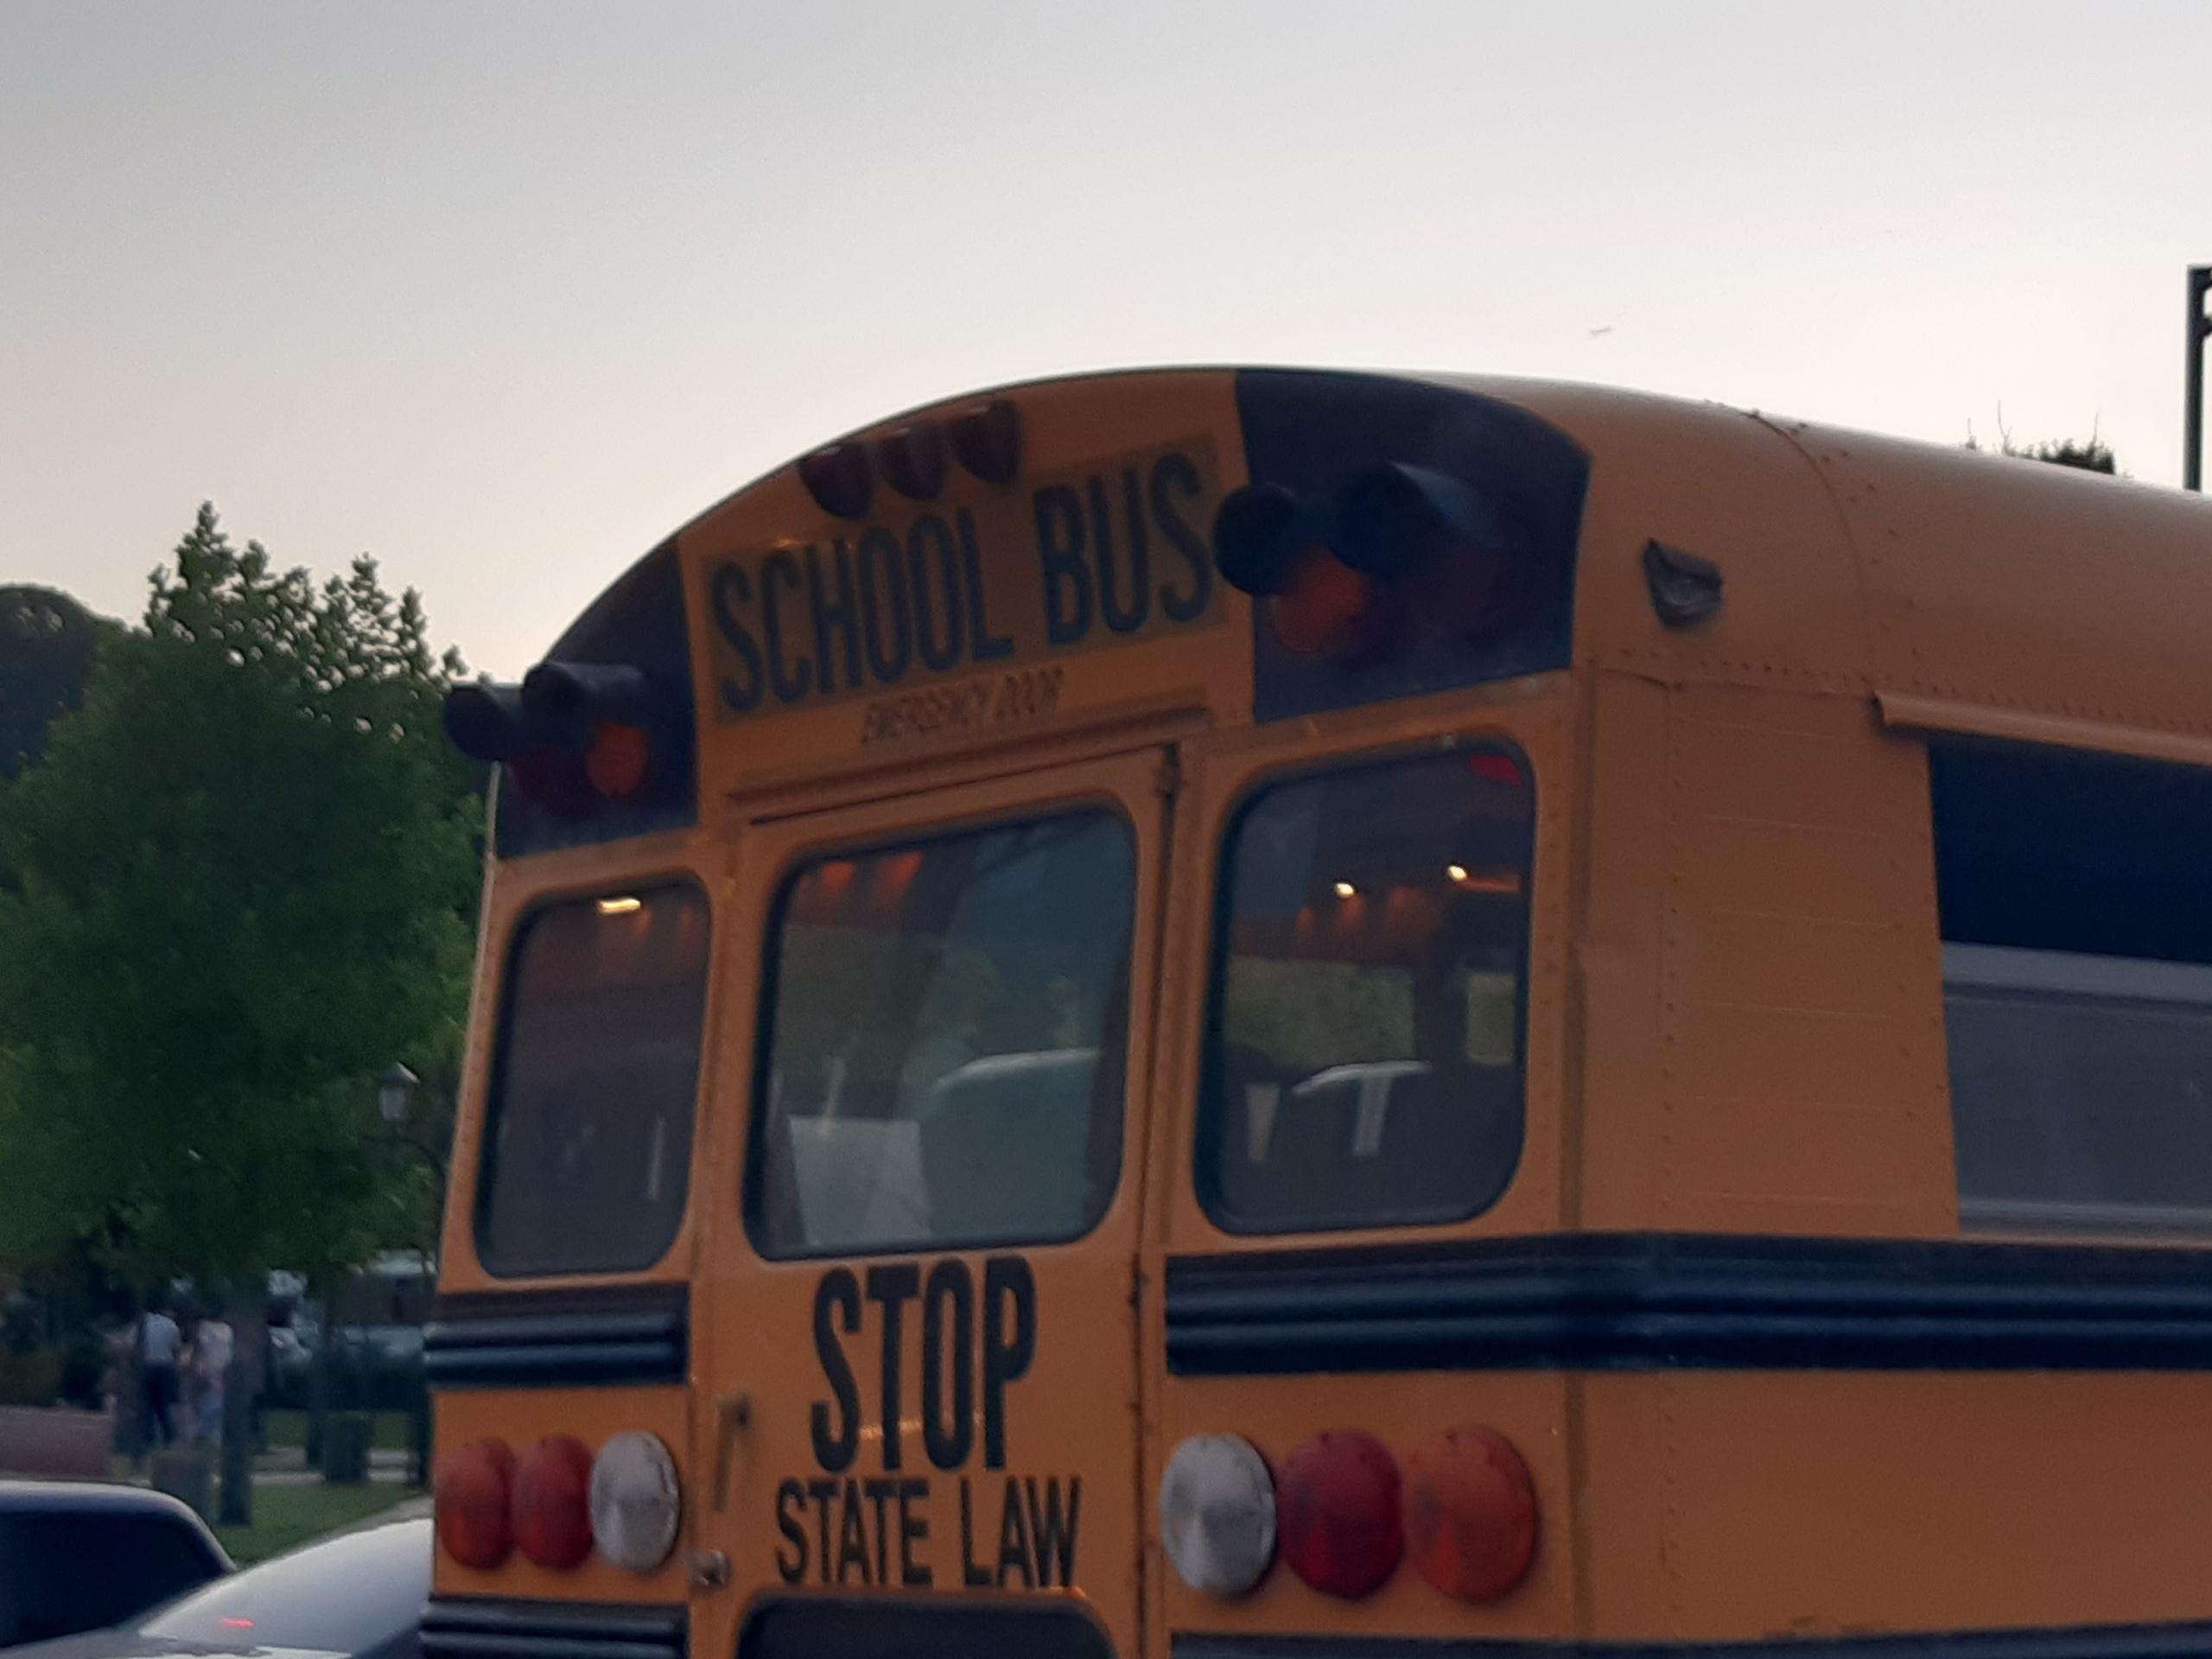 автобуссс